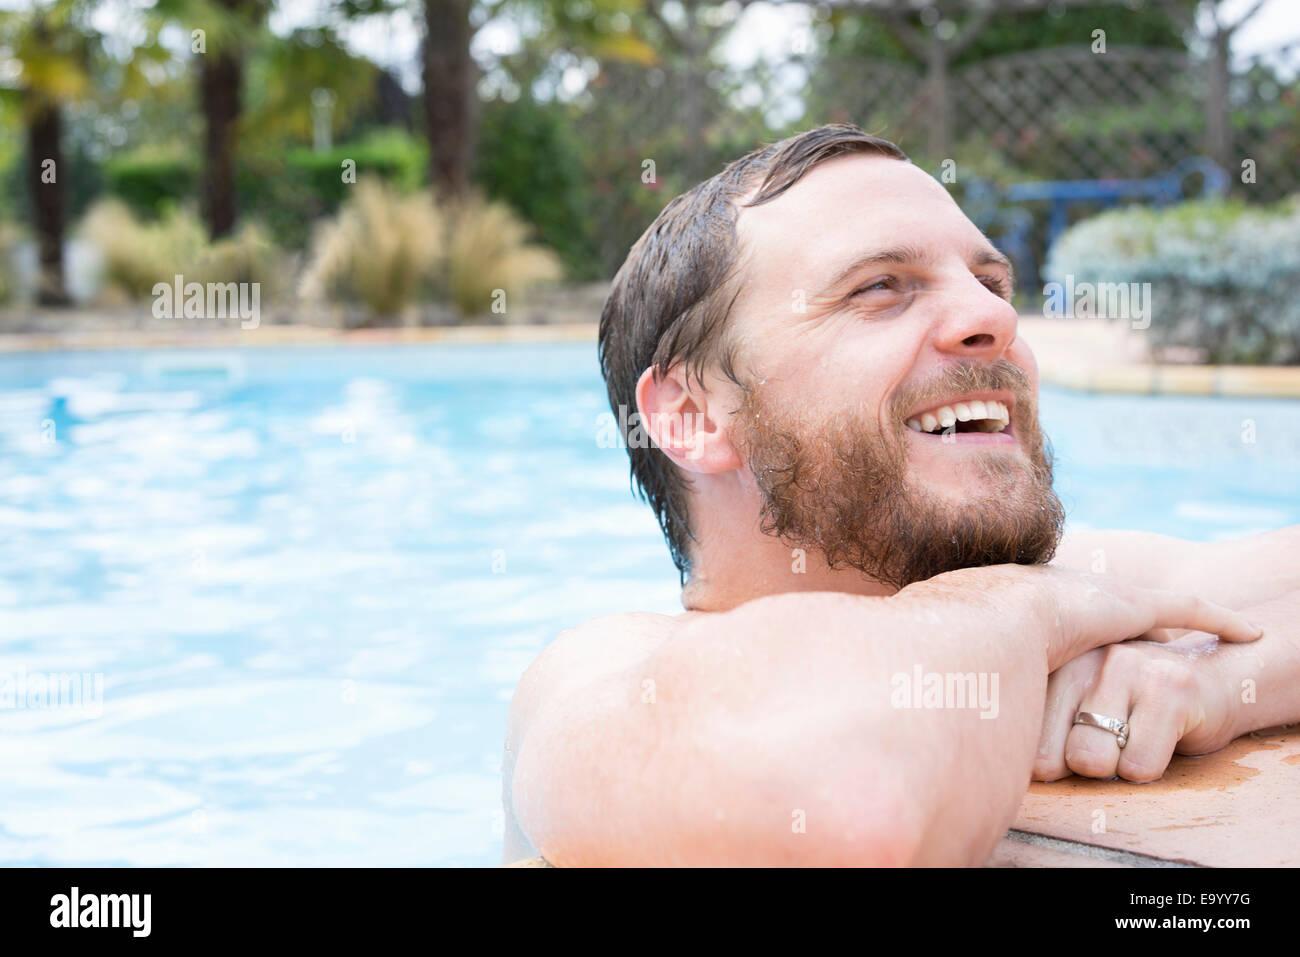 Uomo appoggiato sul bordo della piscina Immagini Stock